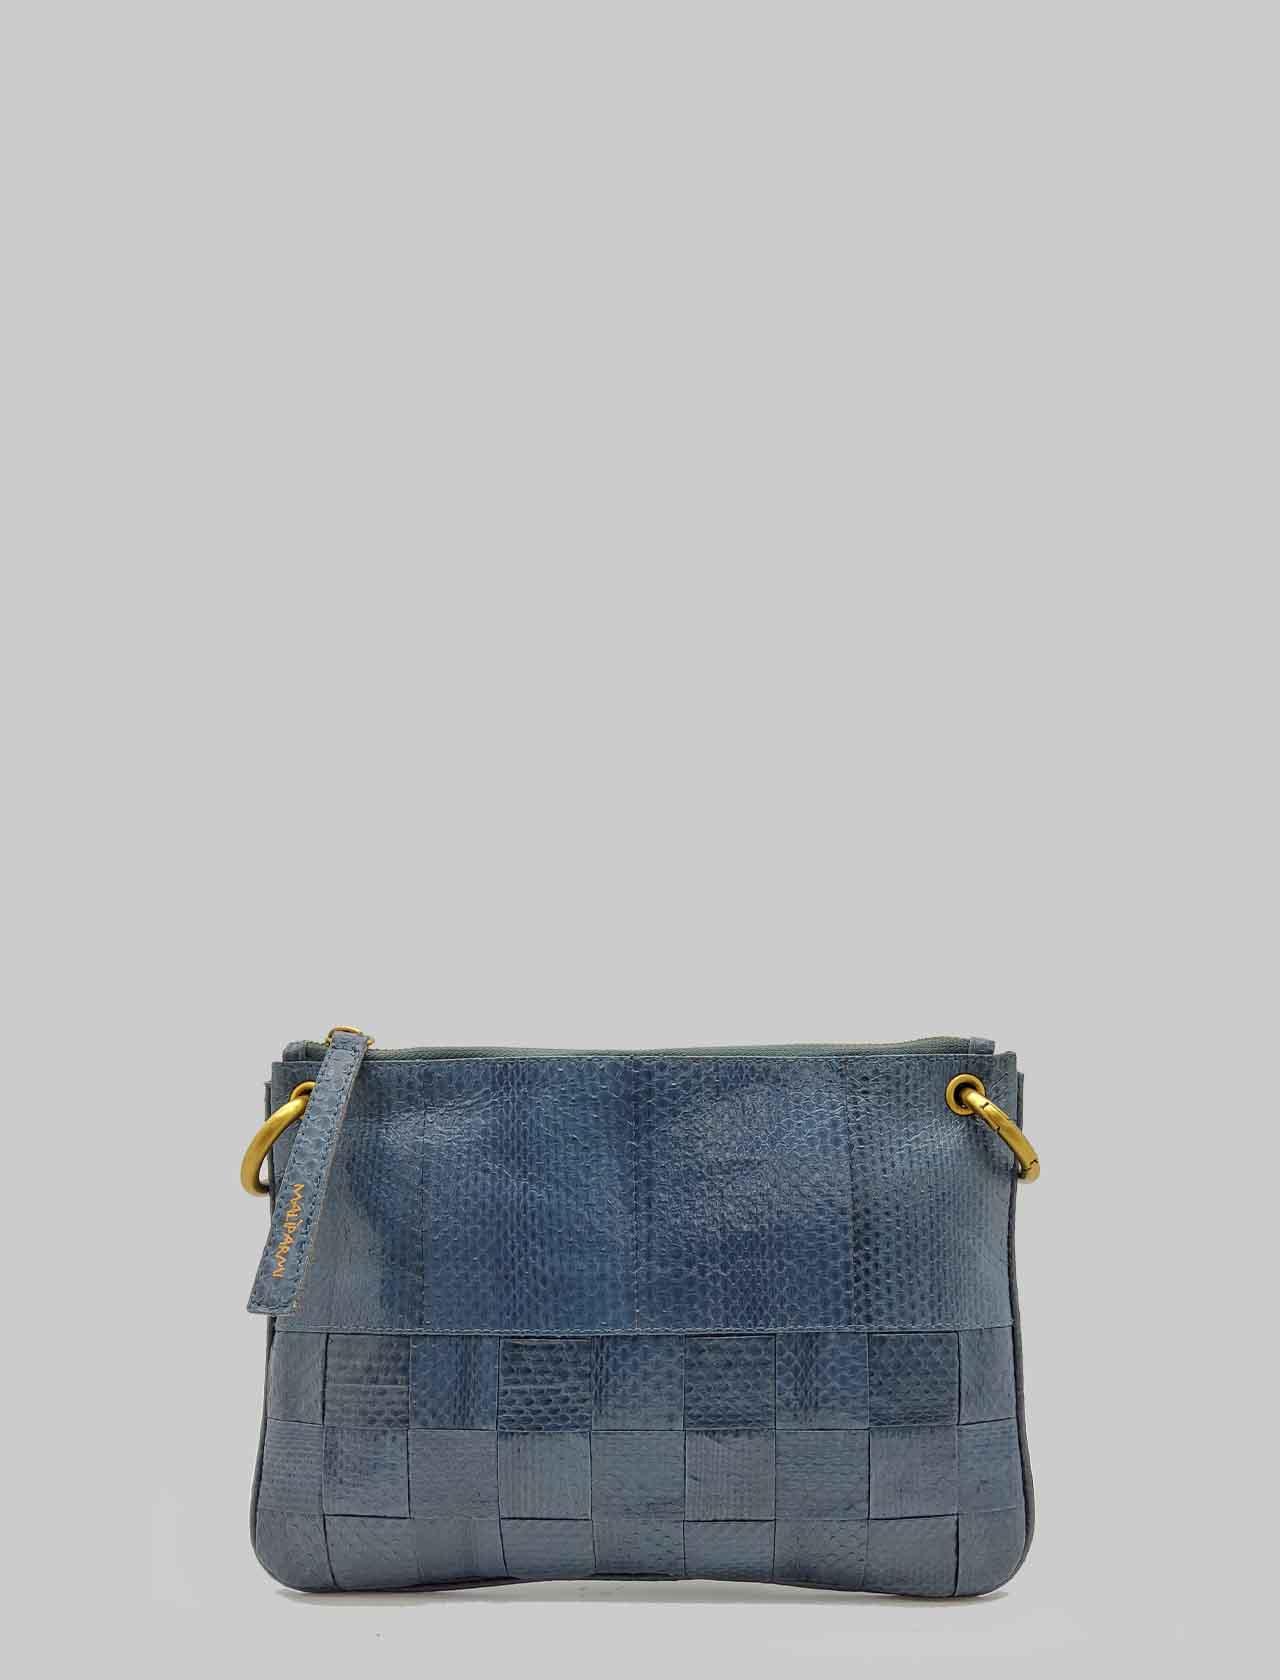 Borsa Donna Tracolla Piccola Exotic Woven in Wips Blu con Tracolla Removibile in Tinta Maliparmi | Borse e zaini | BD00670143680002